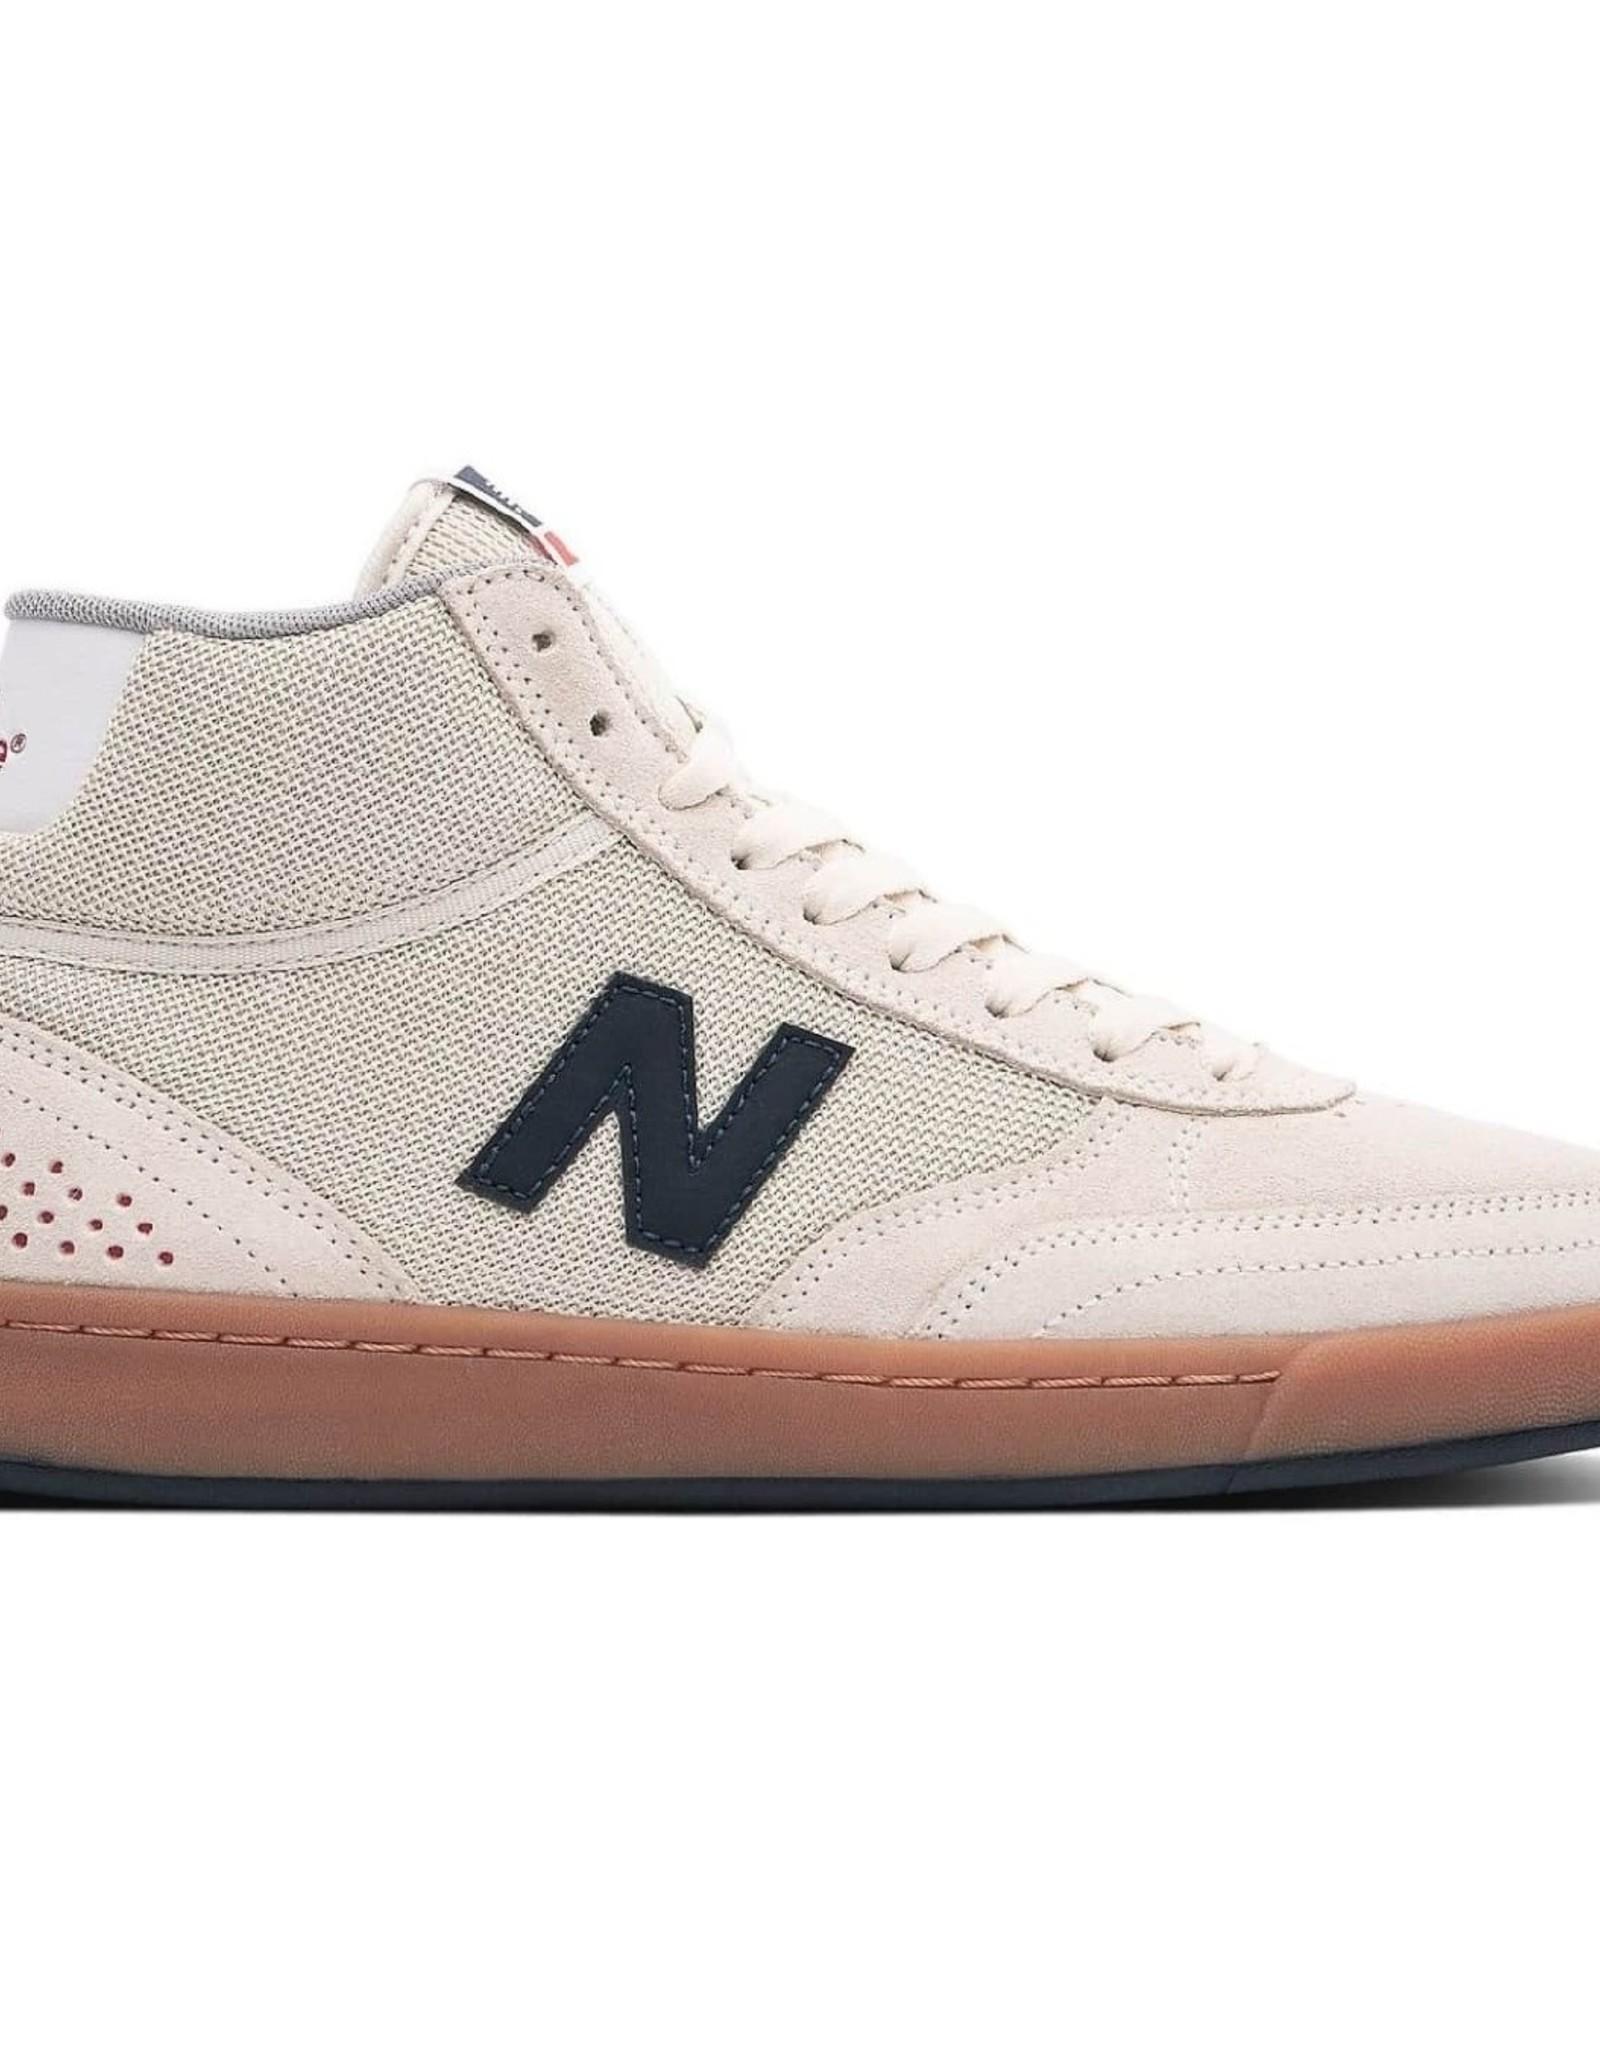 New Balance NB Numeric 440 HI Cream/Gum